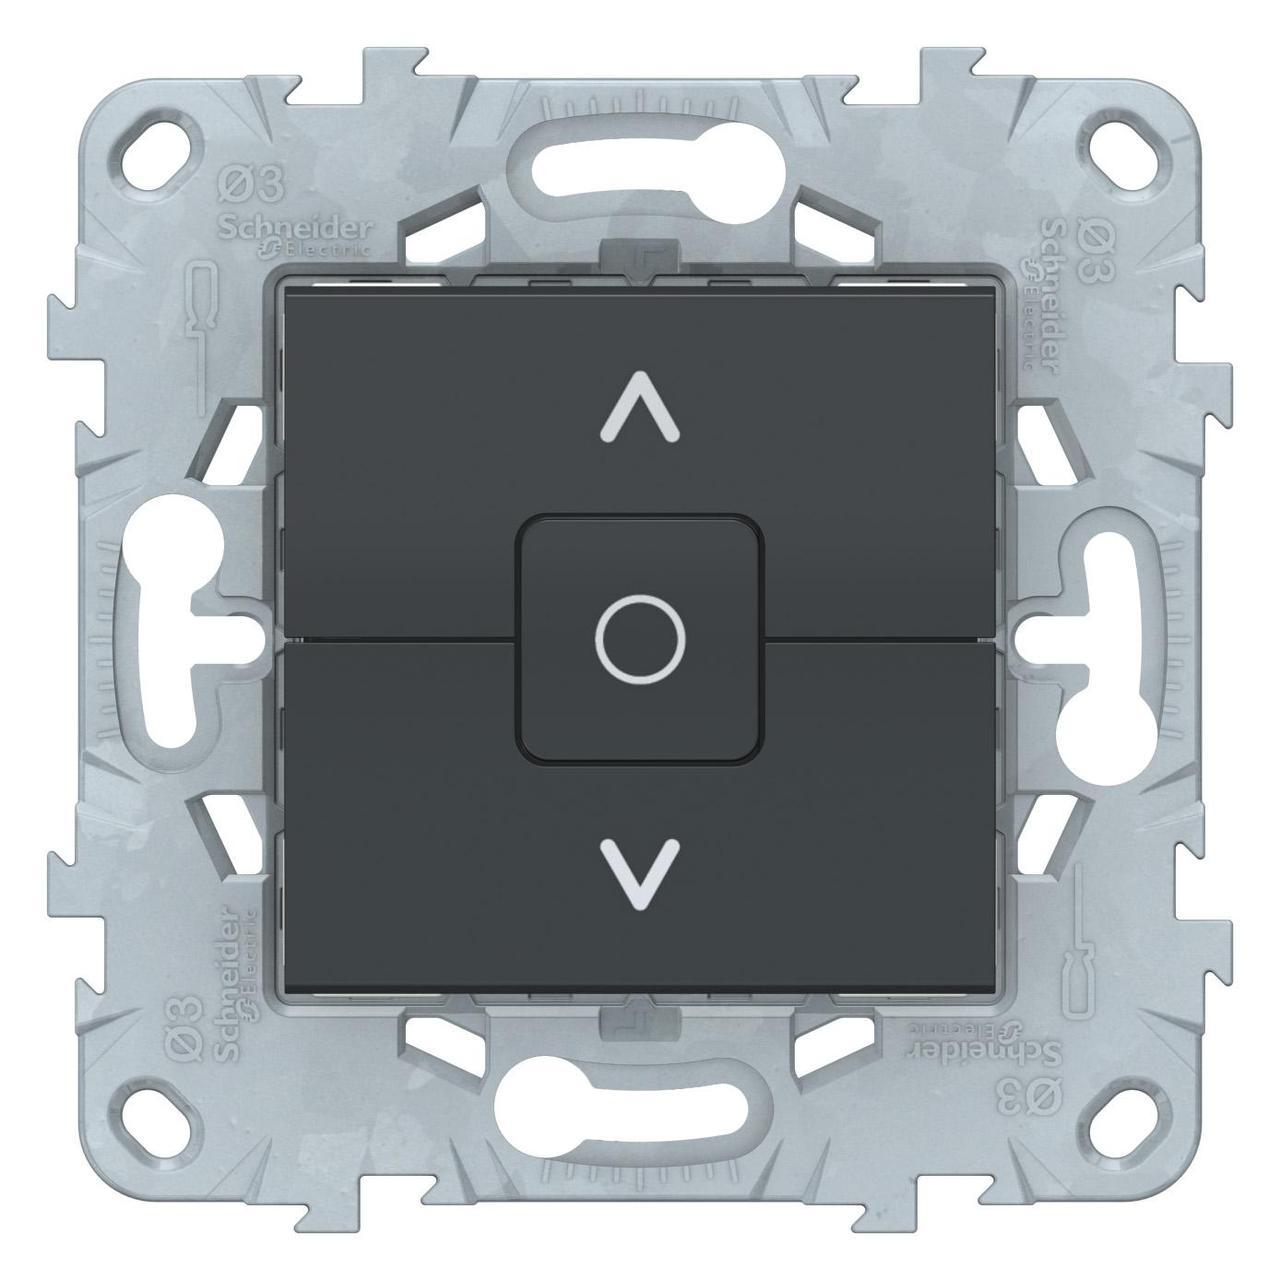 Выключатель для жалюзи (рольставней) с фиксацией , Антрацит, серия Unica New, Schneider Electric